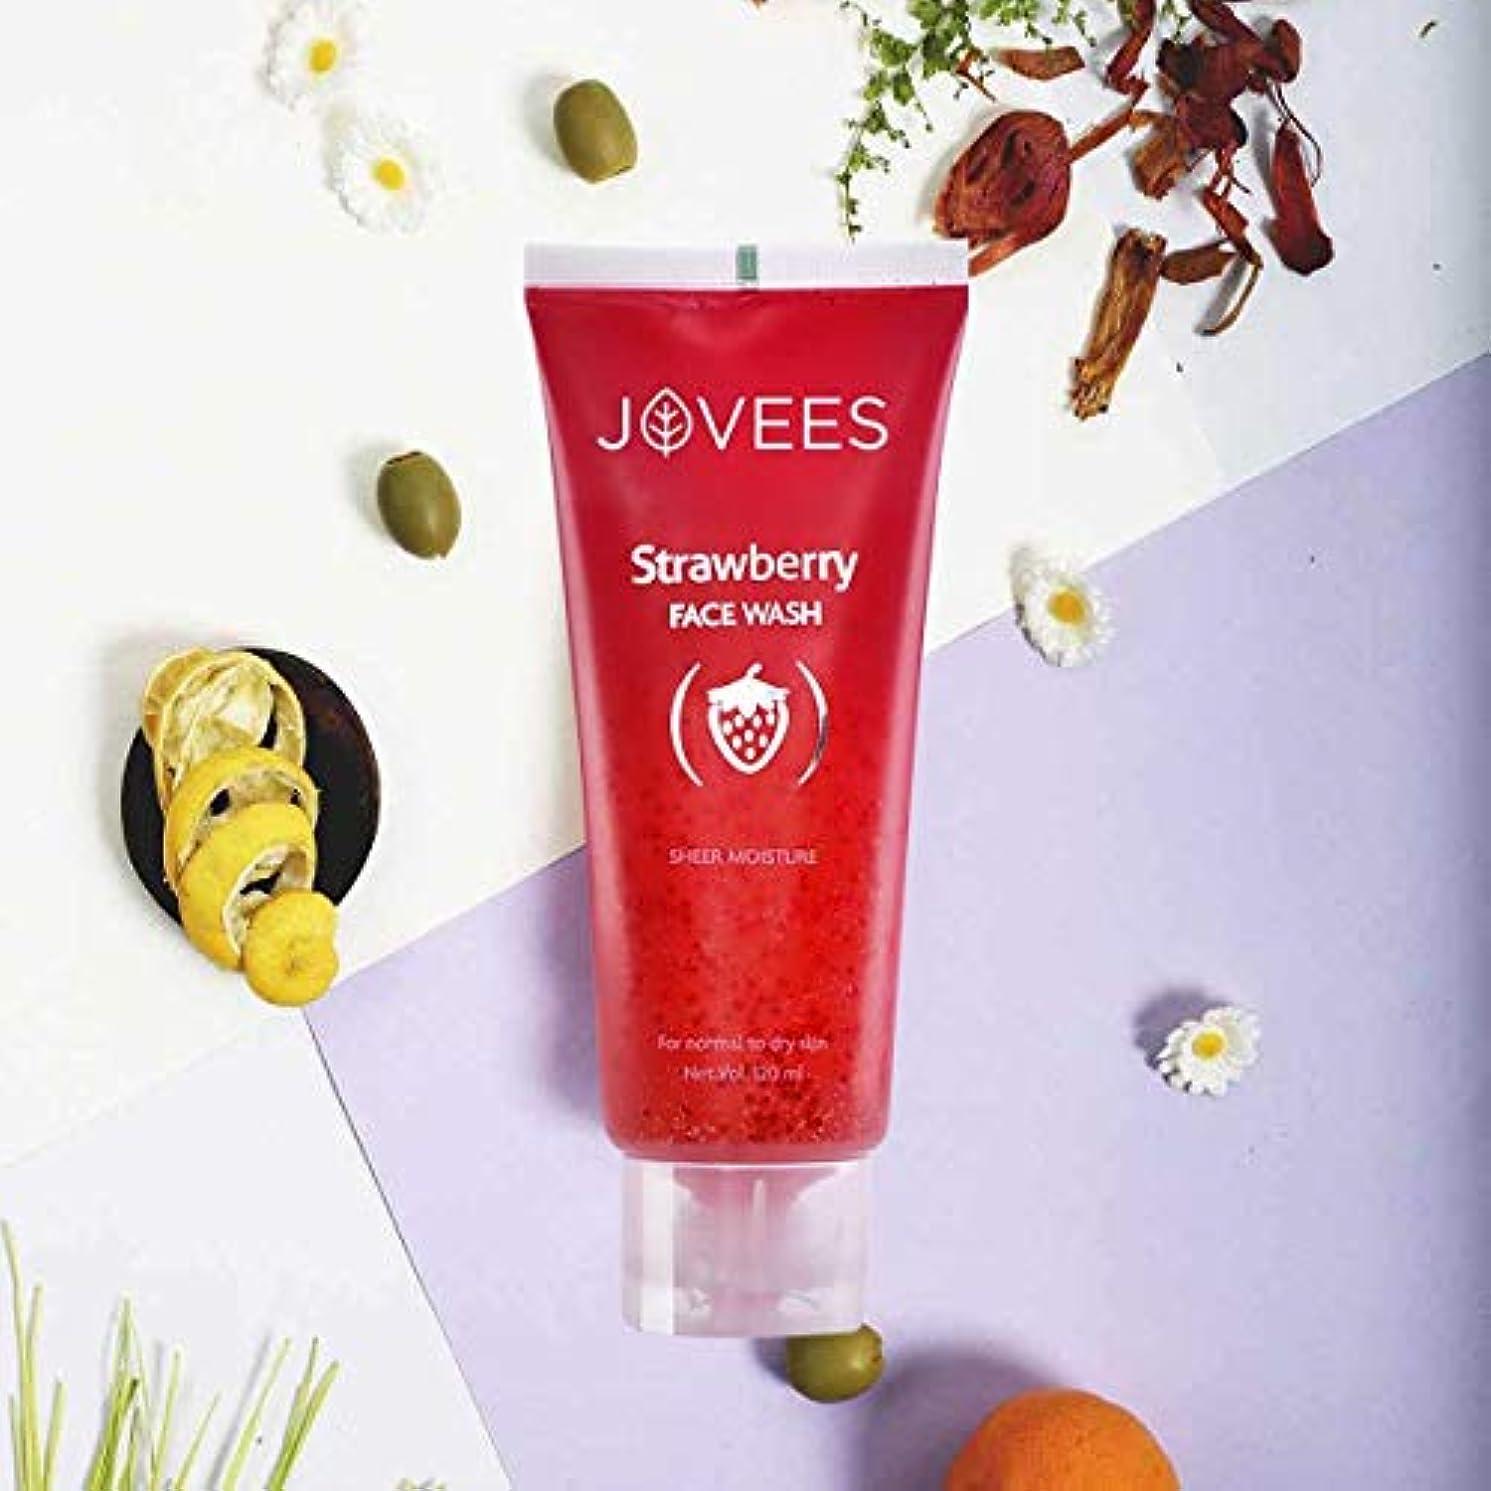 非効率的なスキッパー故障中Jovees Strawberry Face Wash developed for dry skin helps to remove dead cells 乾燥肌用に開発されたストロベリーフェイスウォッシュは、死んだ細胞...